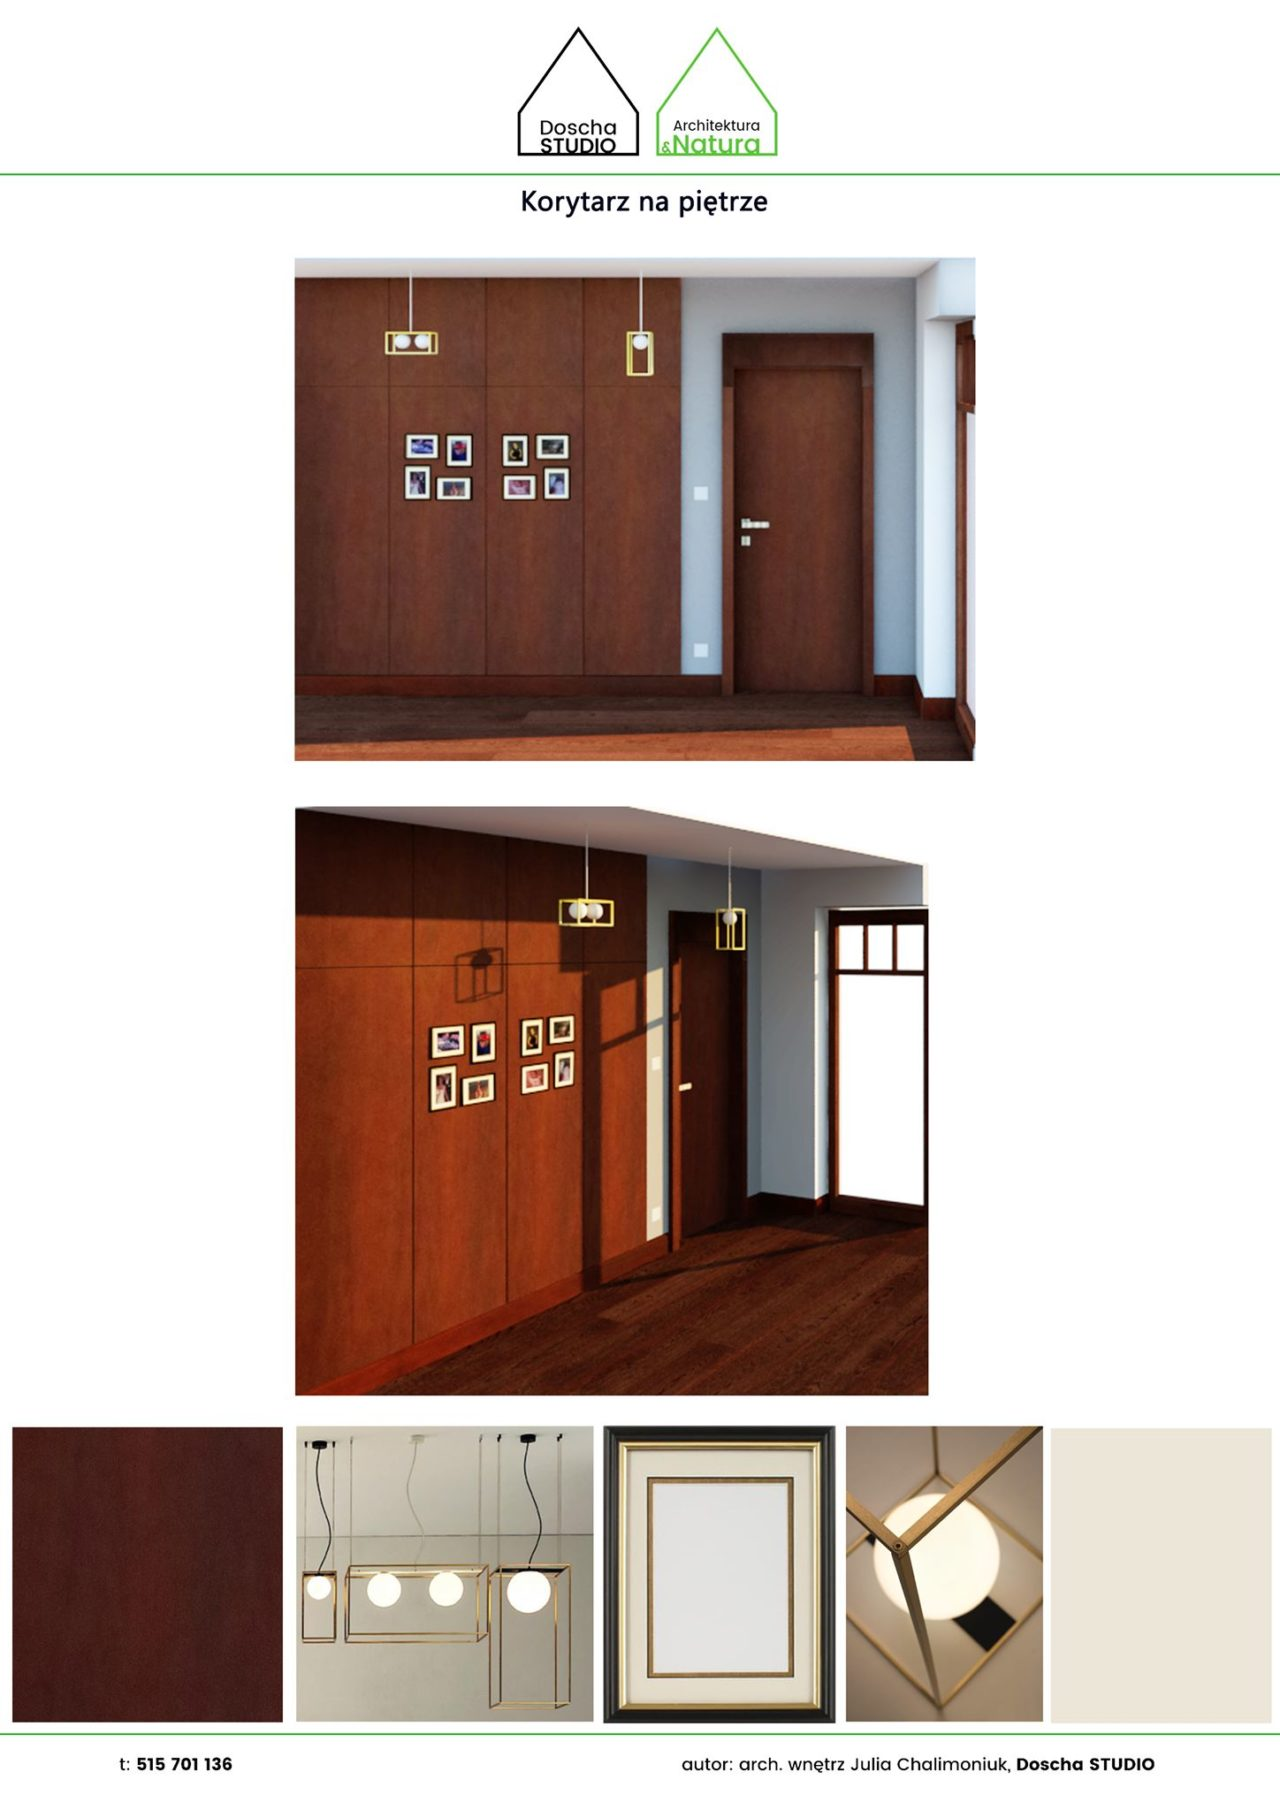 Aranżacja galerii zdjęć na korytarzu w domu w Gdańsku Projektowanie wnętrz: Doscha STUDIO Julia Chalimoniuk